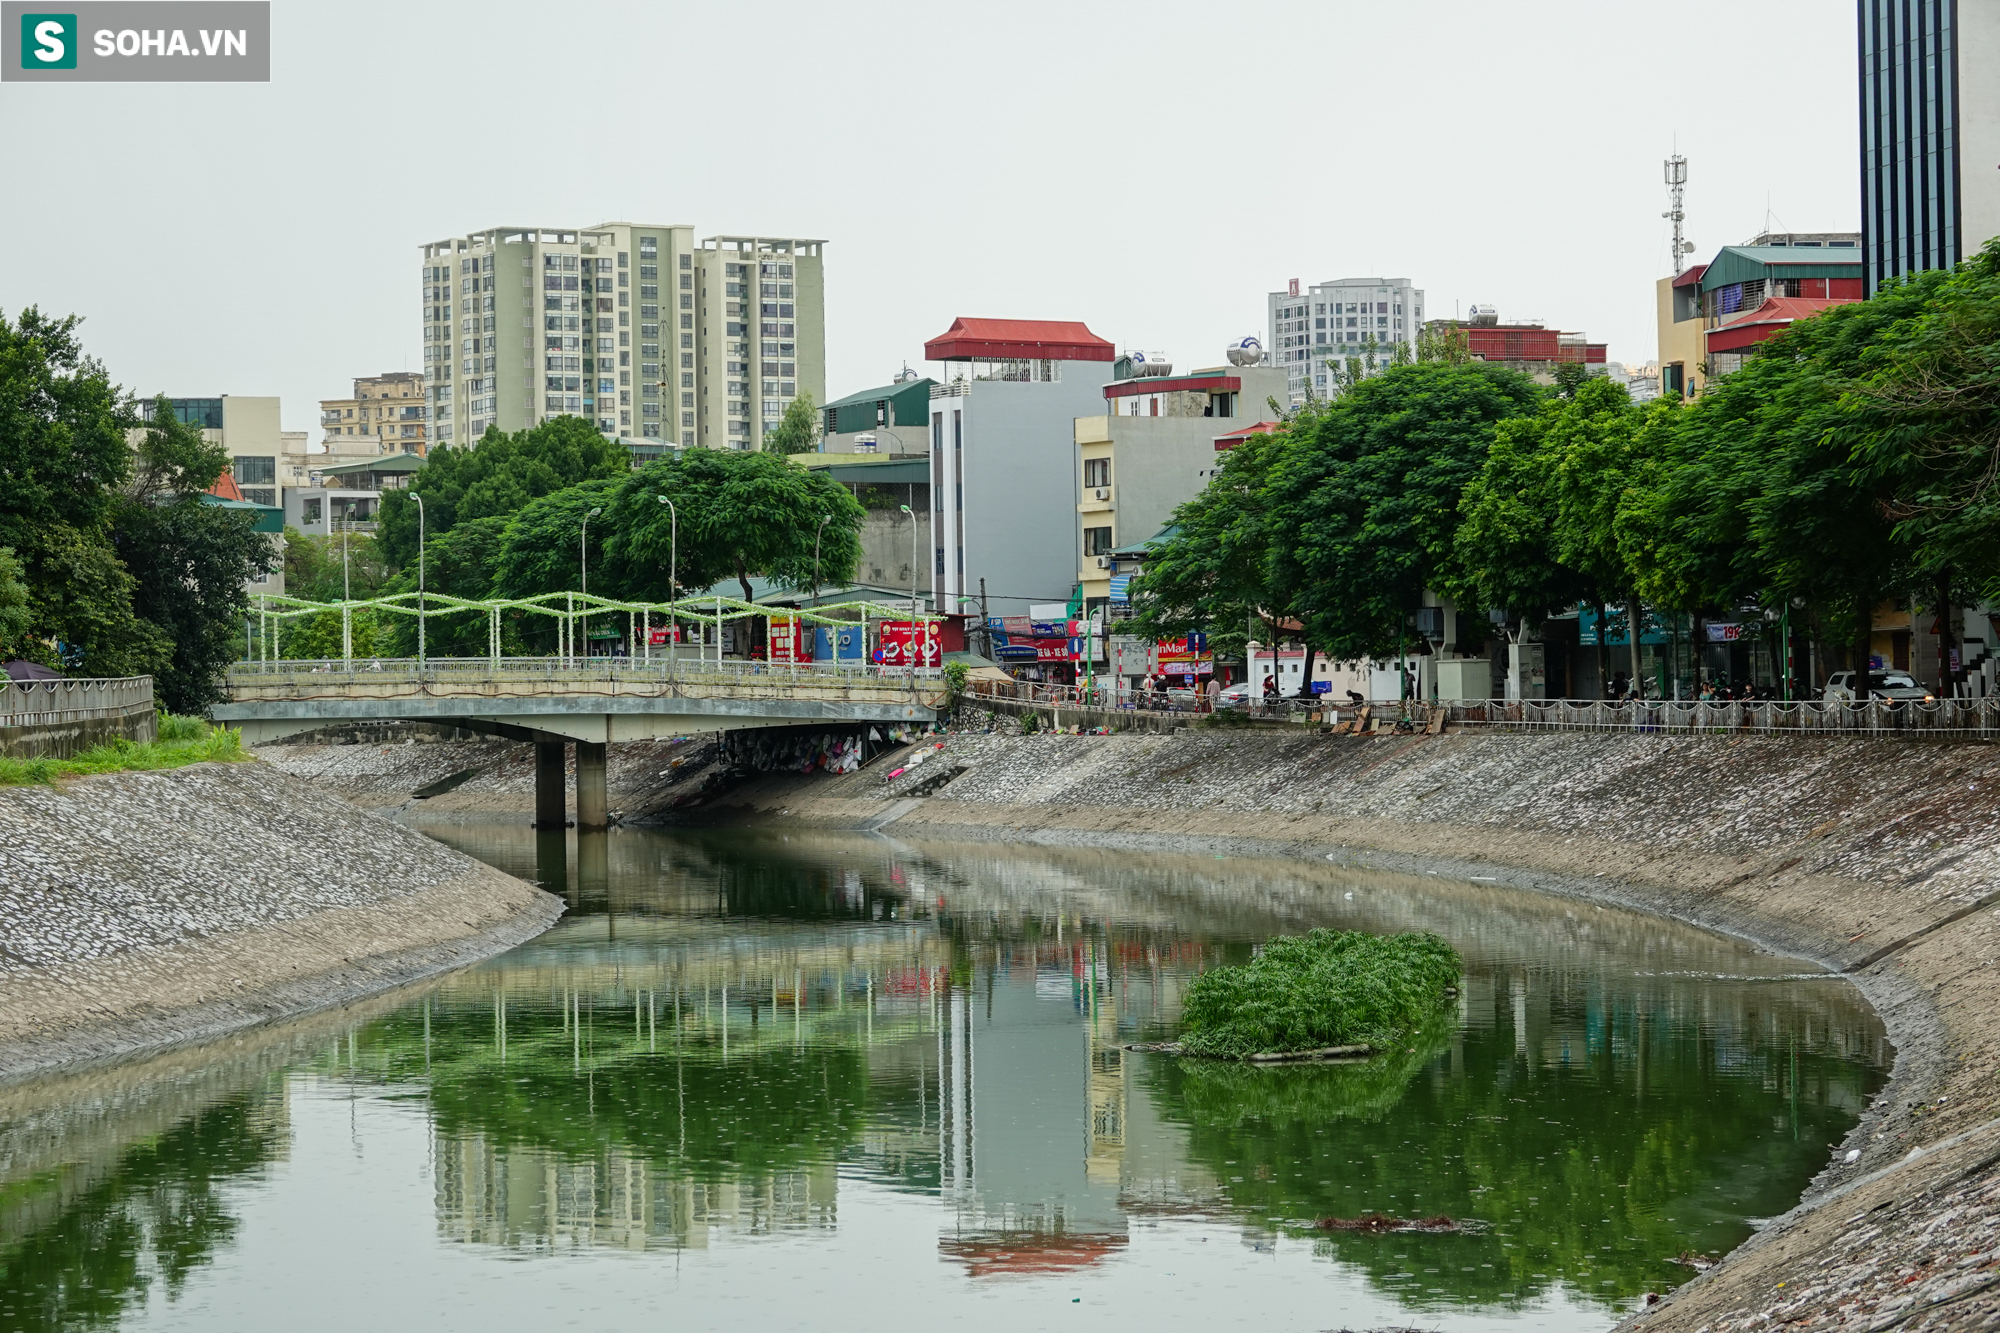 [ẢNH] Cận cảnh dòng nước xanh ngắt hiếm thấy tại sông Tô Lịch, cá bơi nhộn nhịp hàng đàn - Ảnh 4.